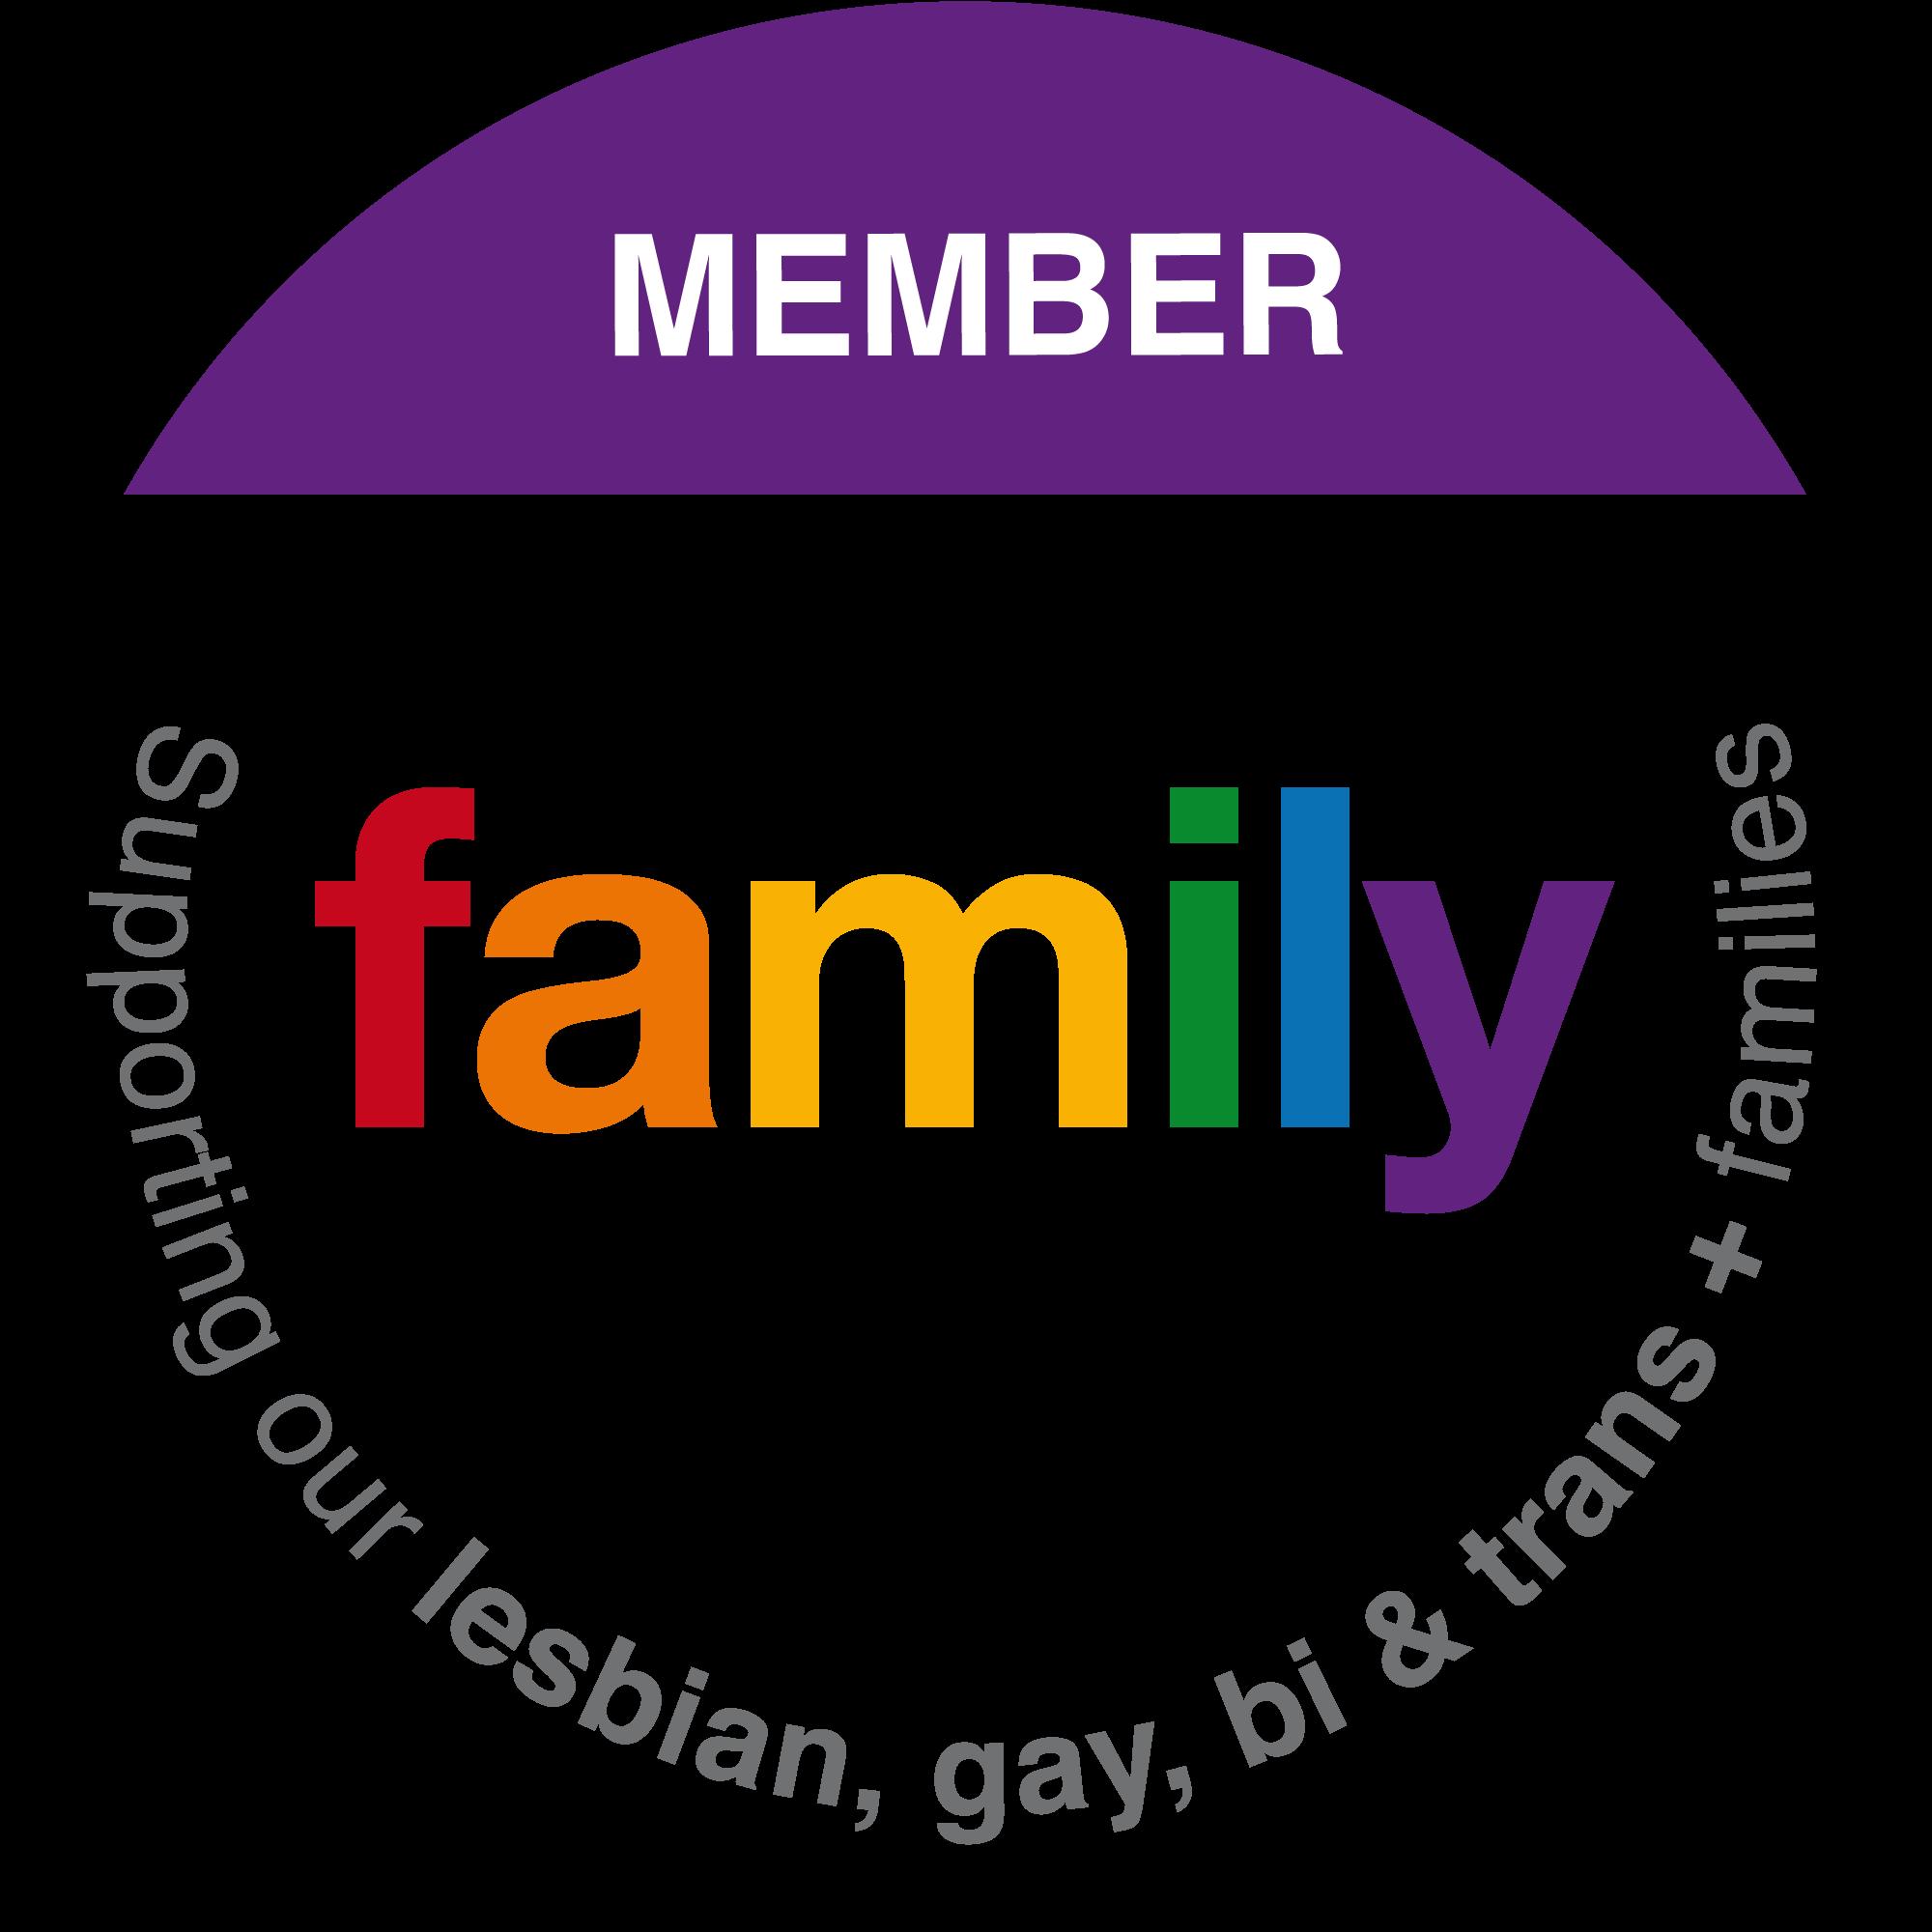 New family social member logo_2019.png